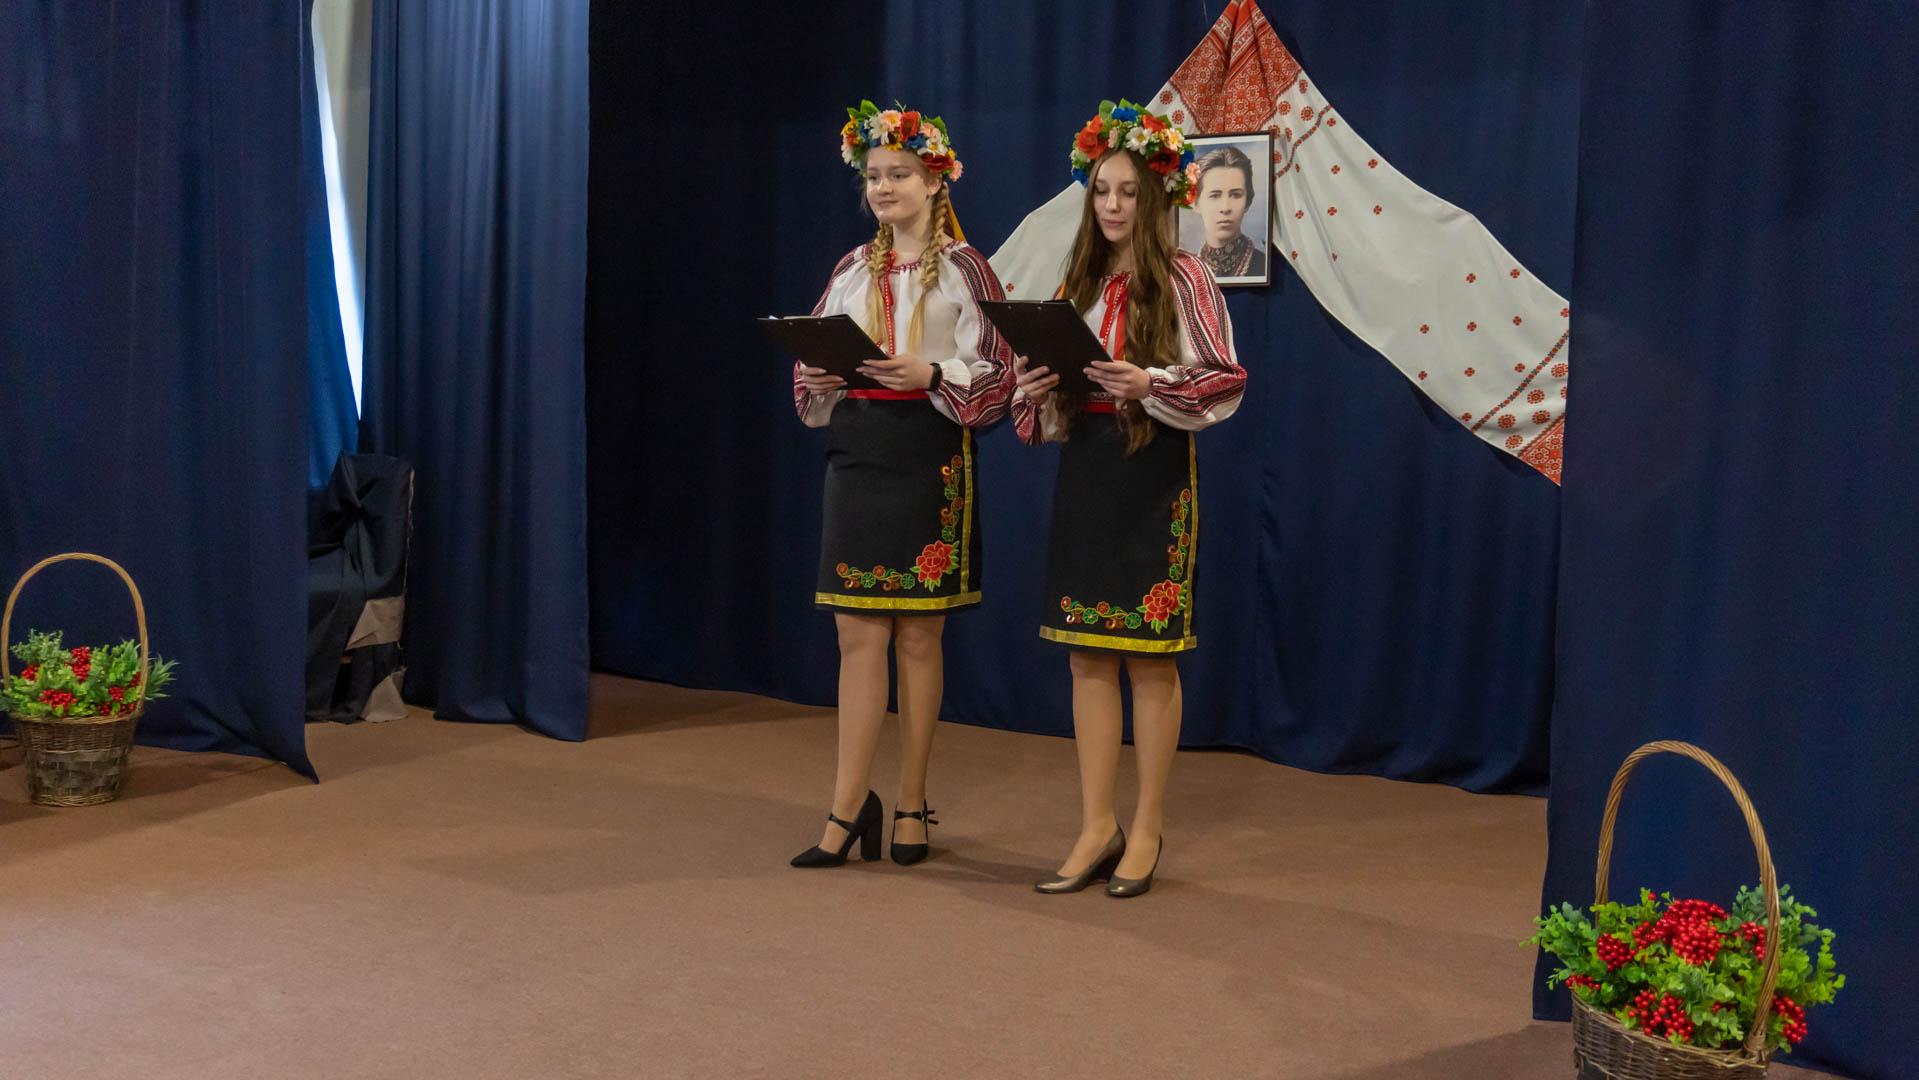 25 лютого виповнилося 150 років з дня народження видатної поетеси, драматургині і перекладачки Лесі Українки